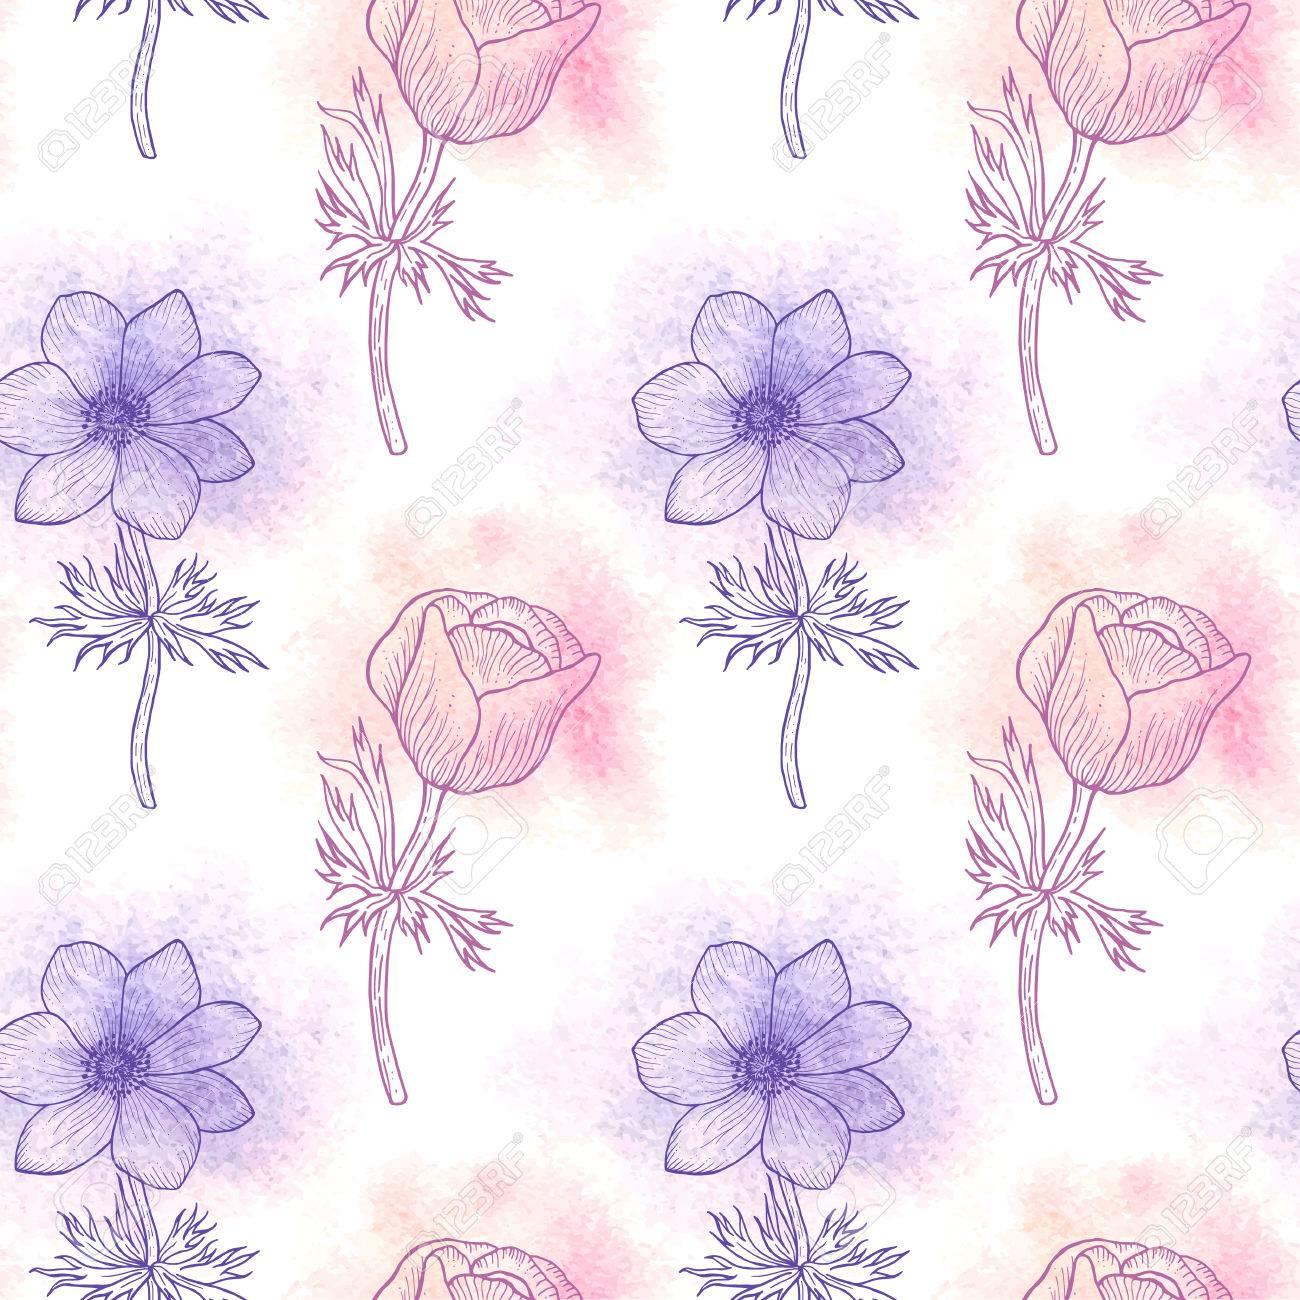 16 年の色 カード 花のシームレスな背景の水彩画の花アネモネのシームレス花柄母の日 結婚式 誕生日 繊維 Web 壁紙 ラッピング ベクトル アネモネのイラスト素材 ベクタ Image